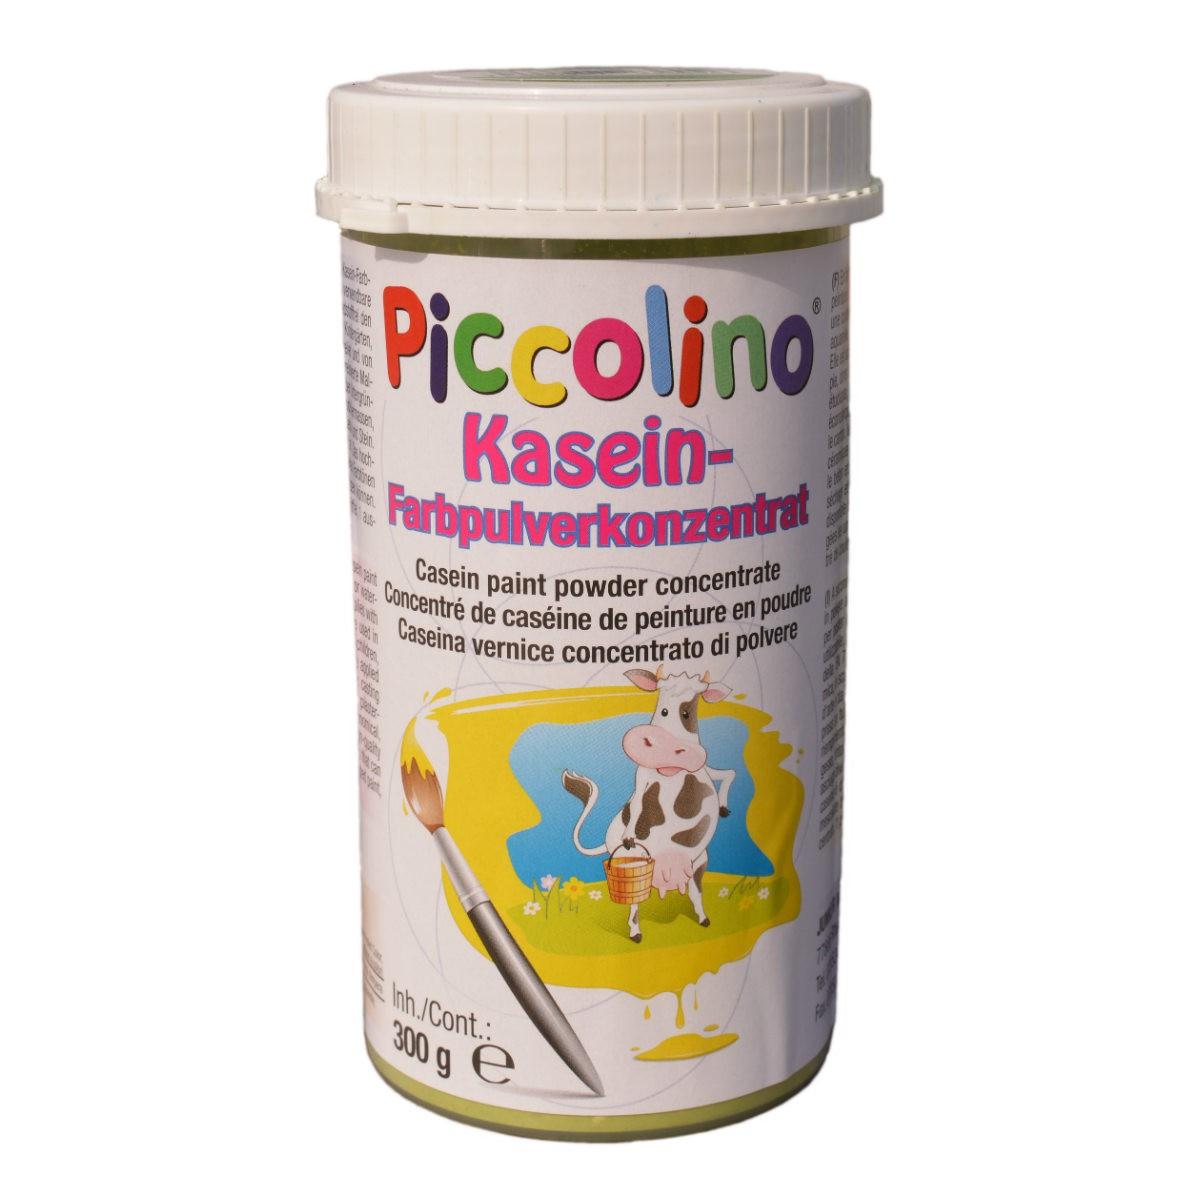 Plakatfarbe Piccolino Kaseinfarbe 300g flieder - Farbpulver zum Selbstanrühren